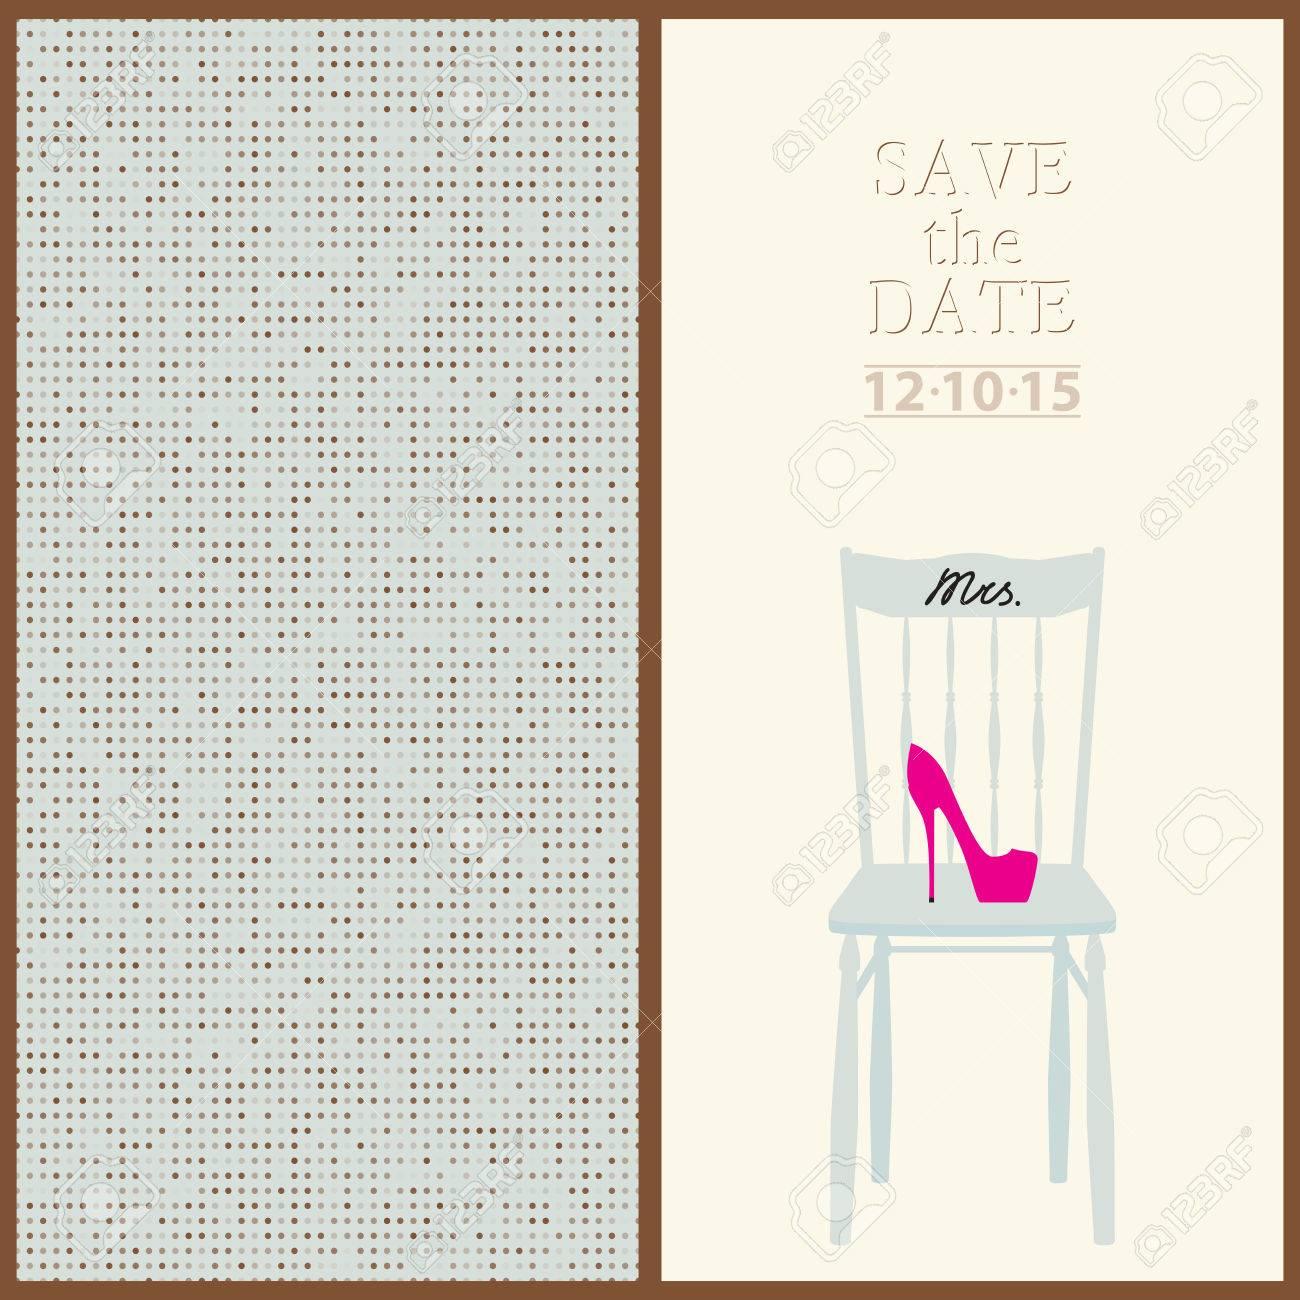 Fantastic Save The Date Wedding Invite Adornment - Invitations ...